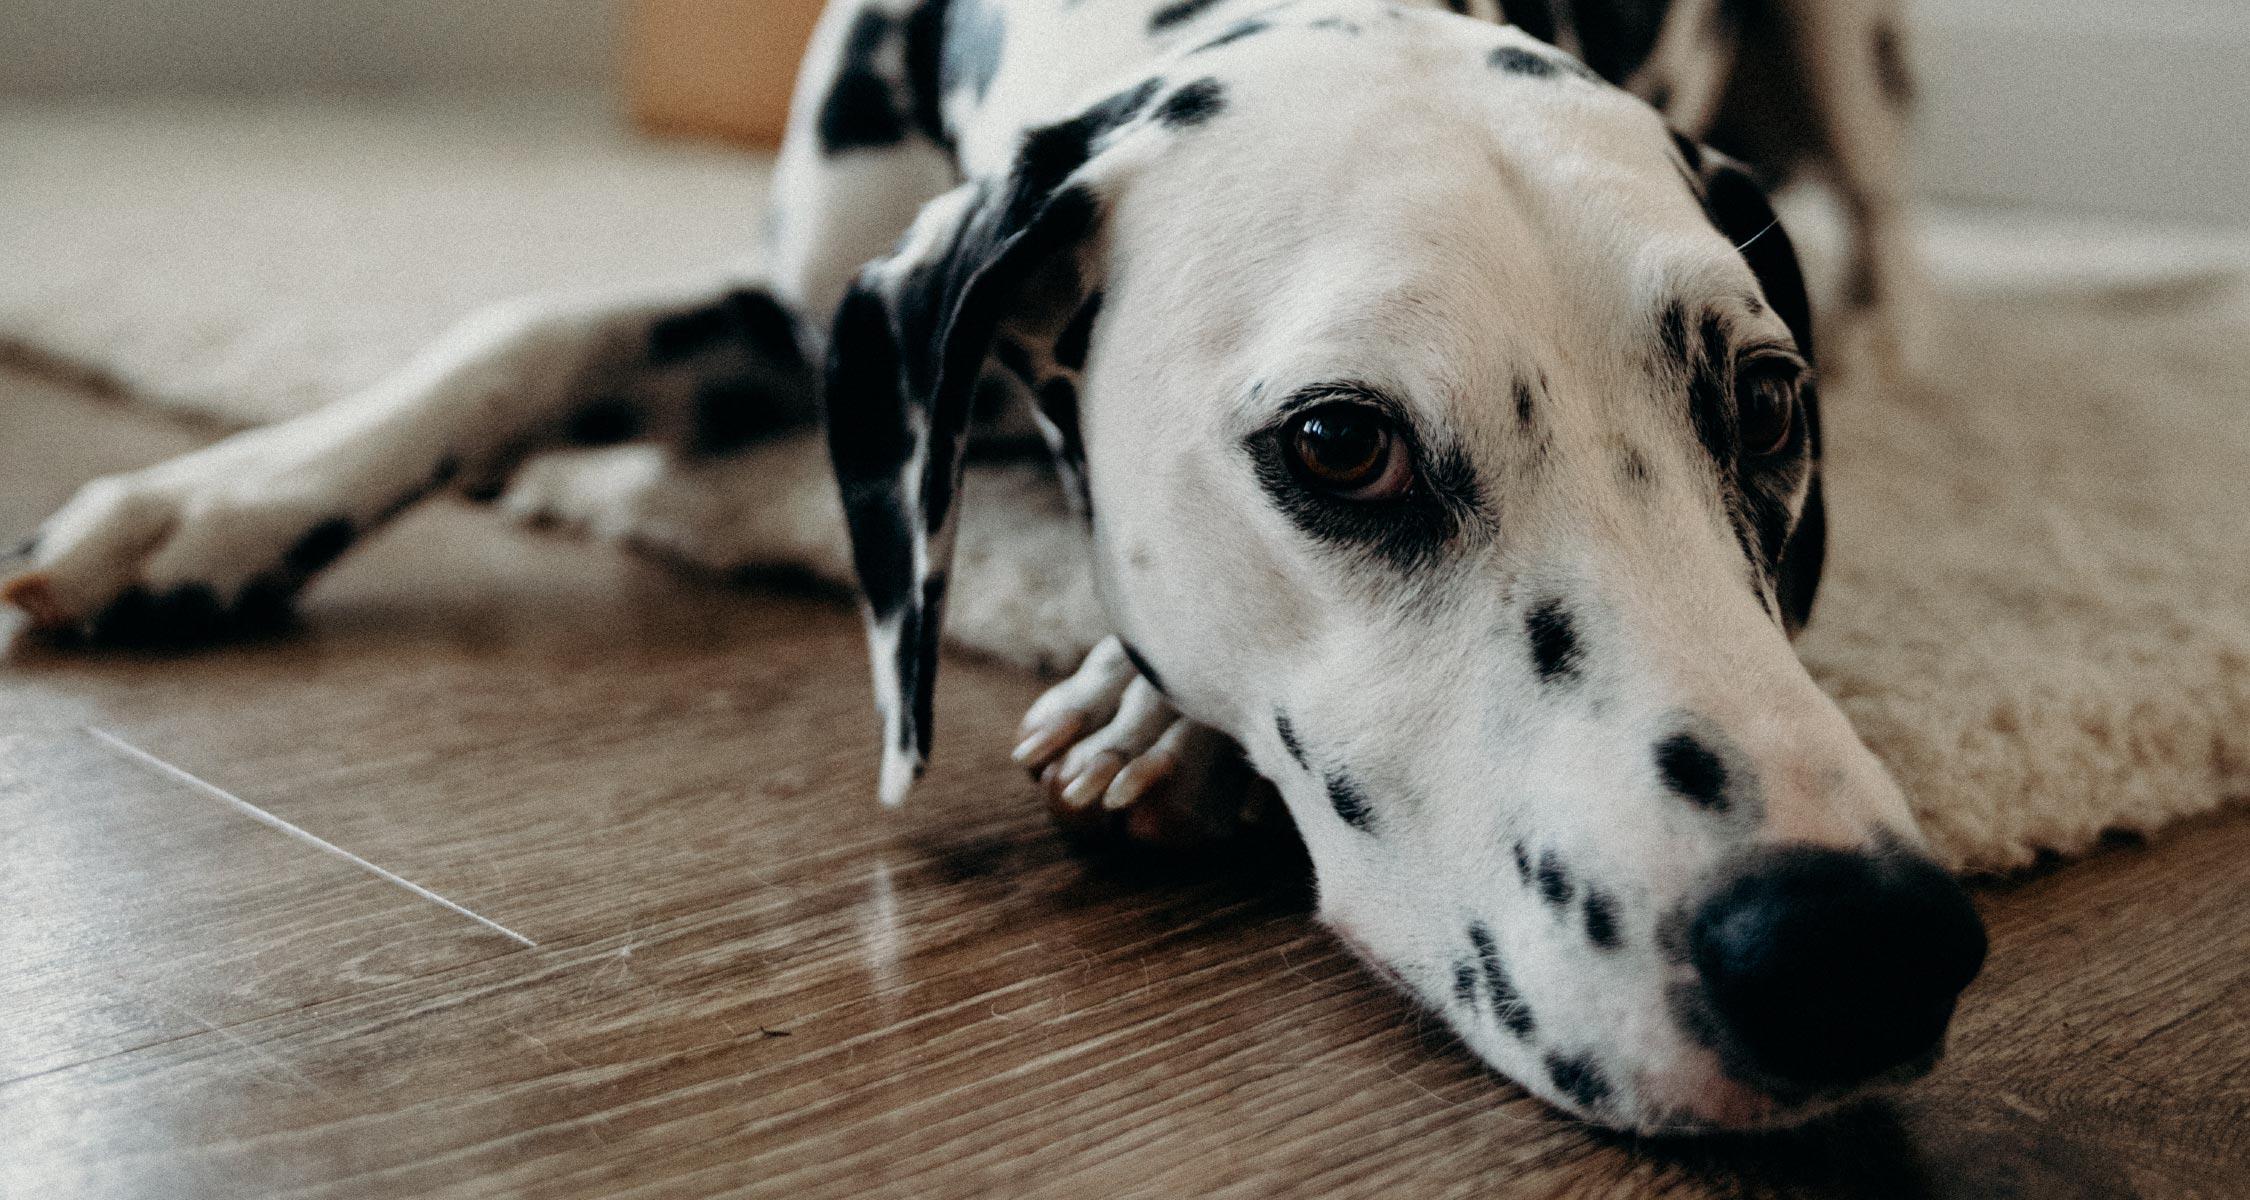 Dog Diarrhoea